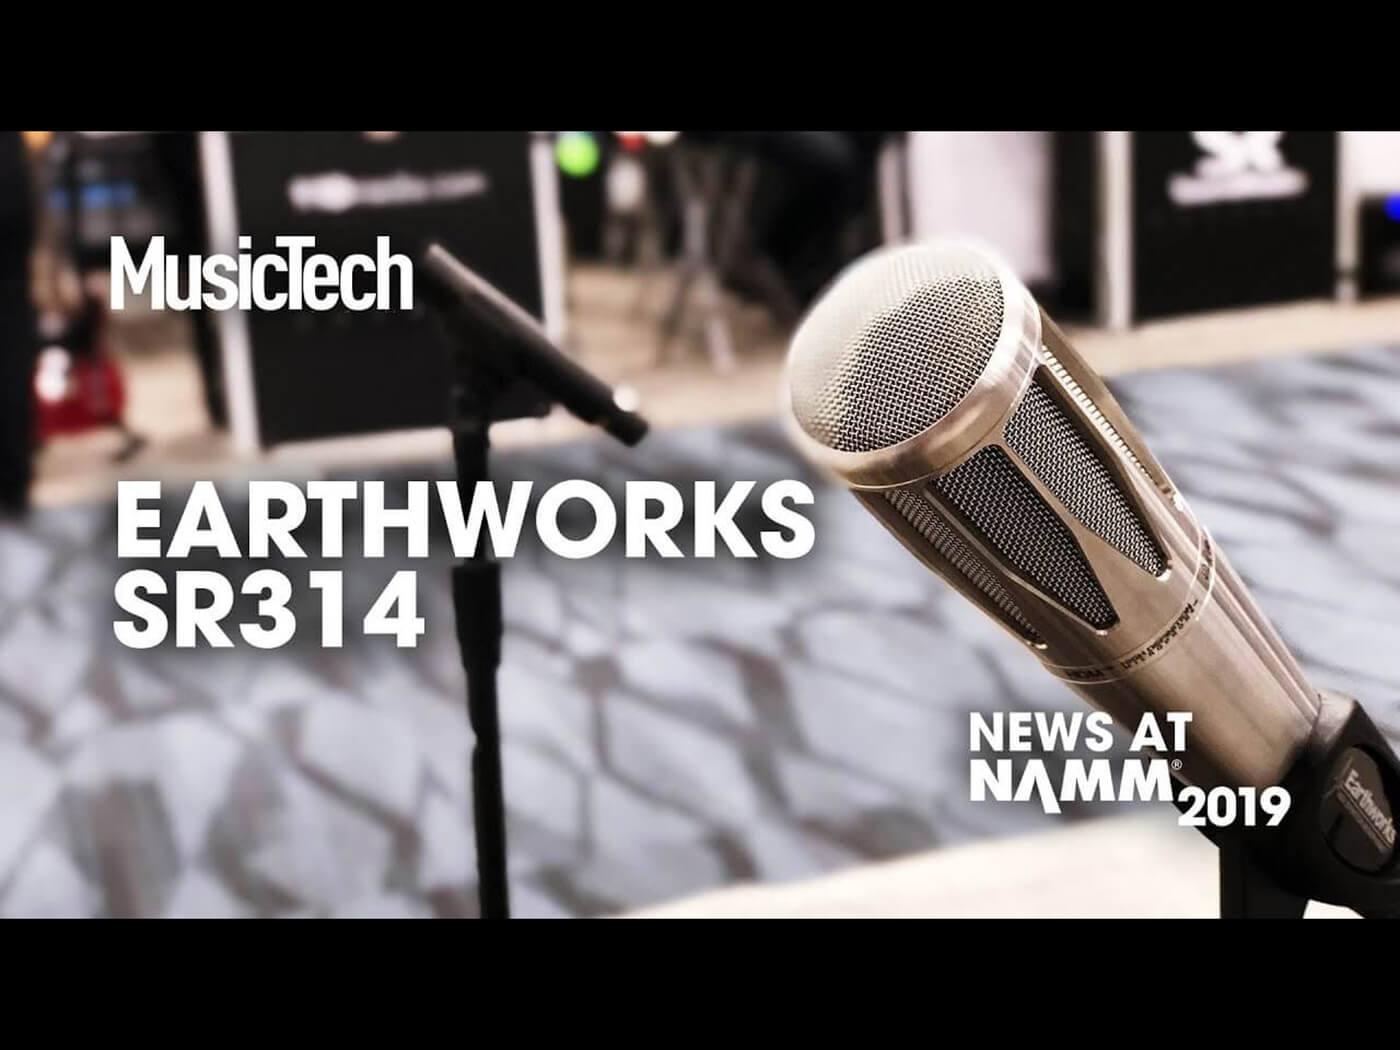 Earthworks SR314 Mic